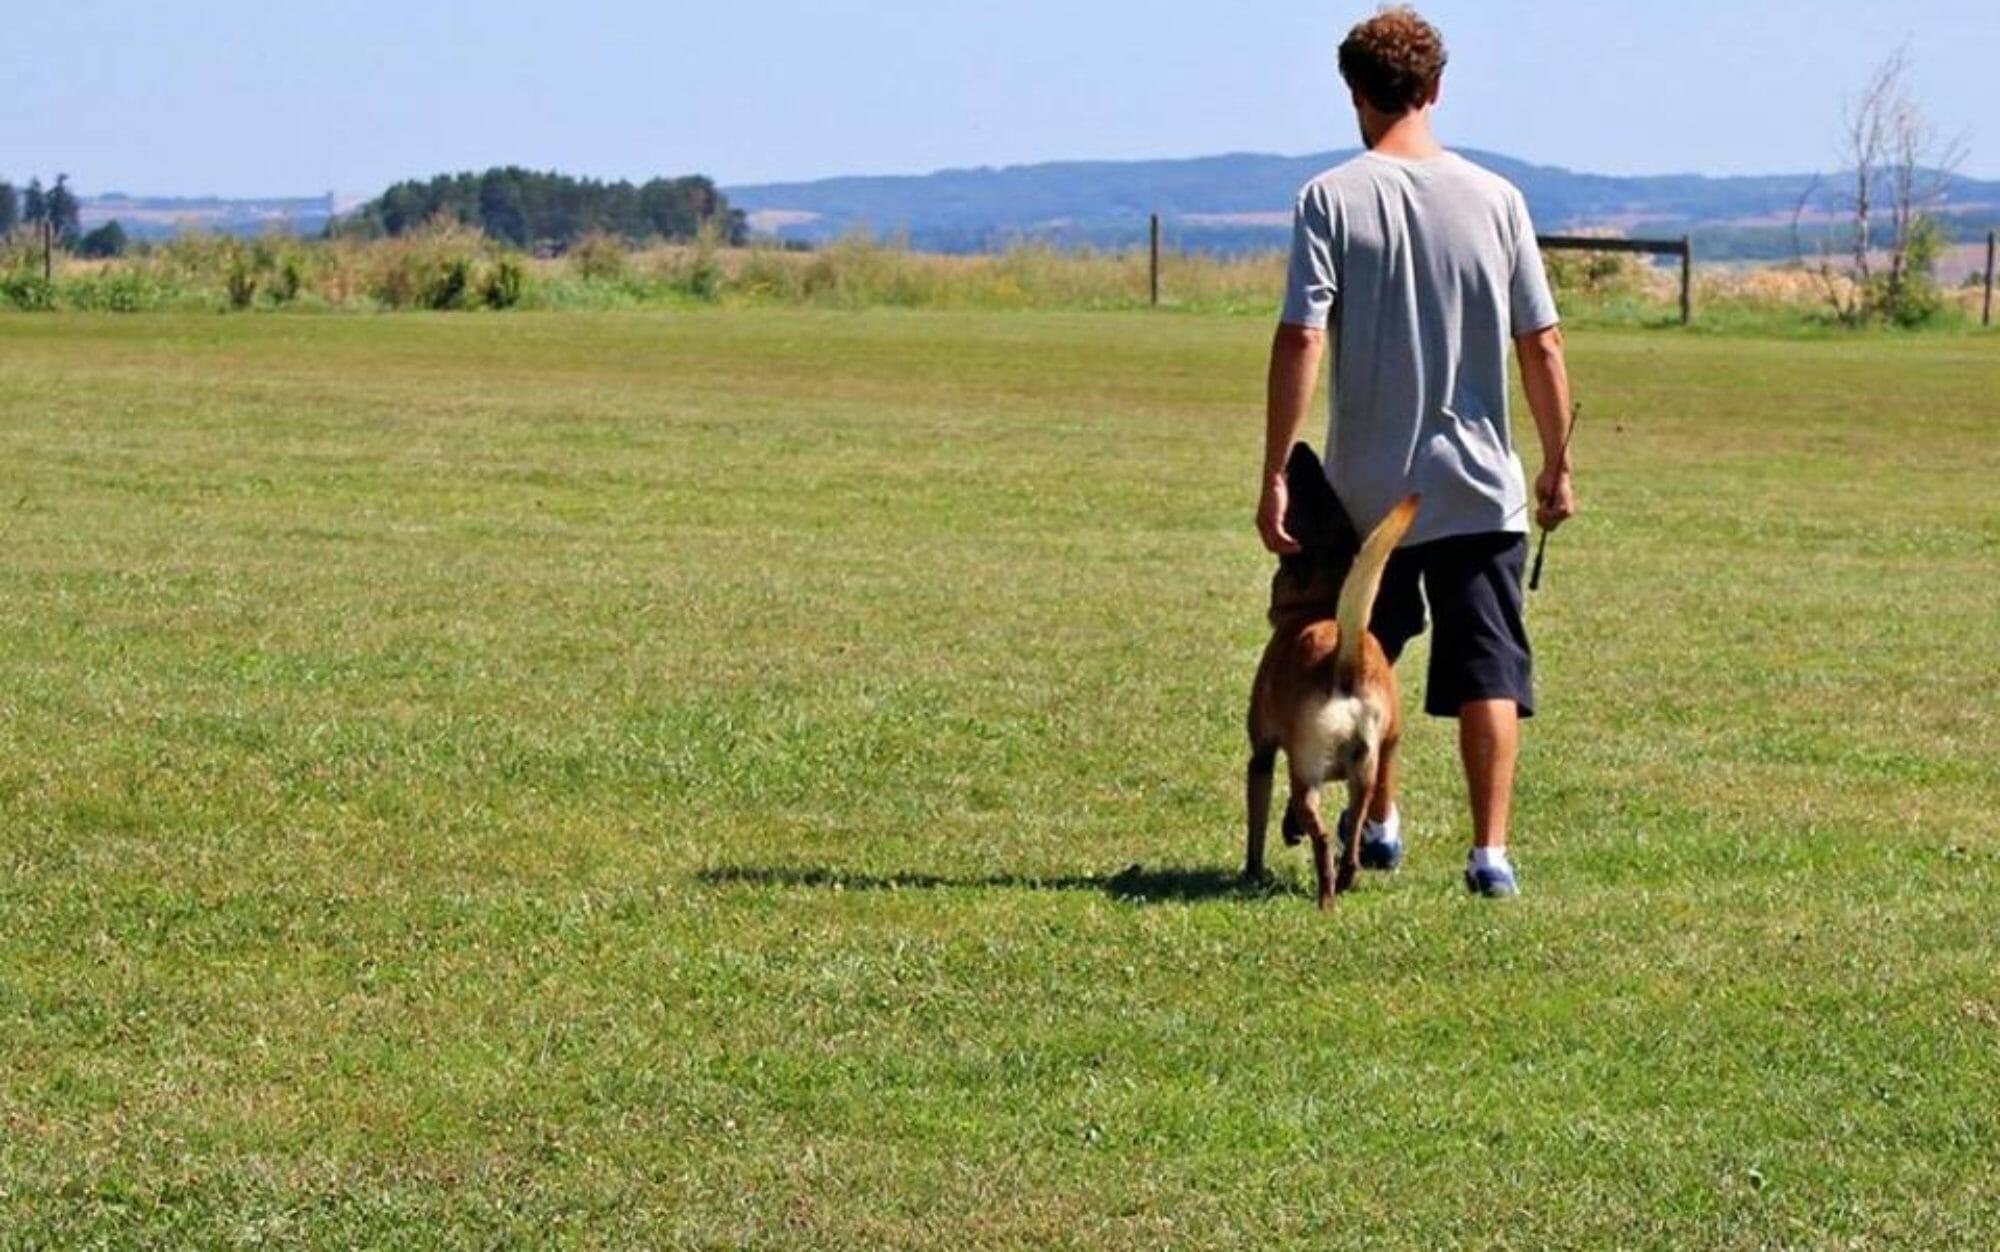 FIDOG.IT - Addestramento Cinofilo - Educazione ed addestramento del cane - Pensione e dog sitting